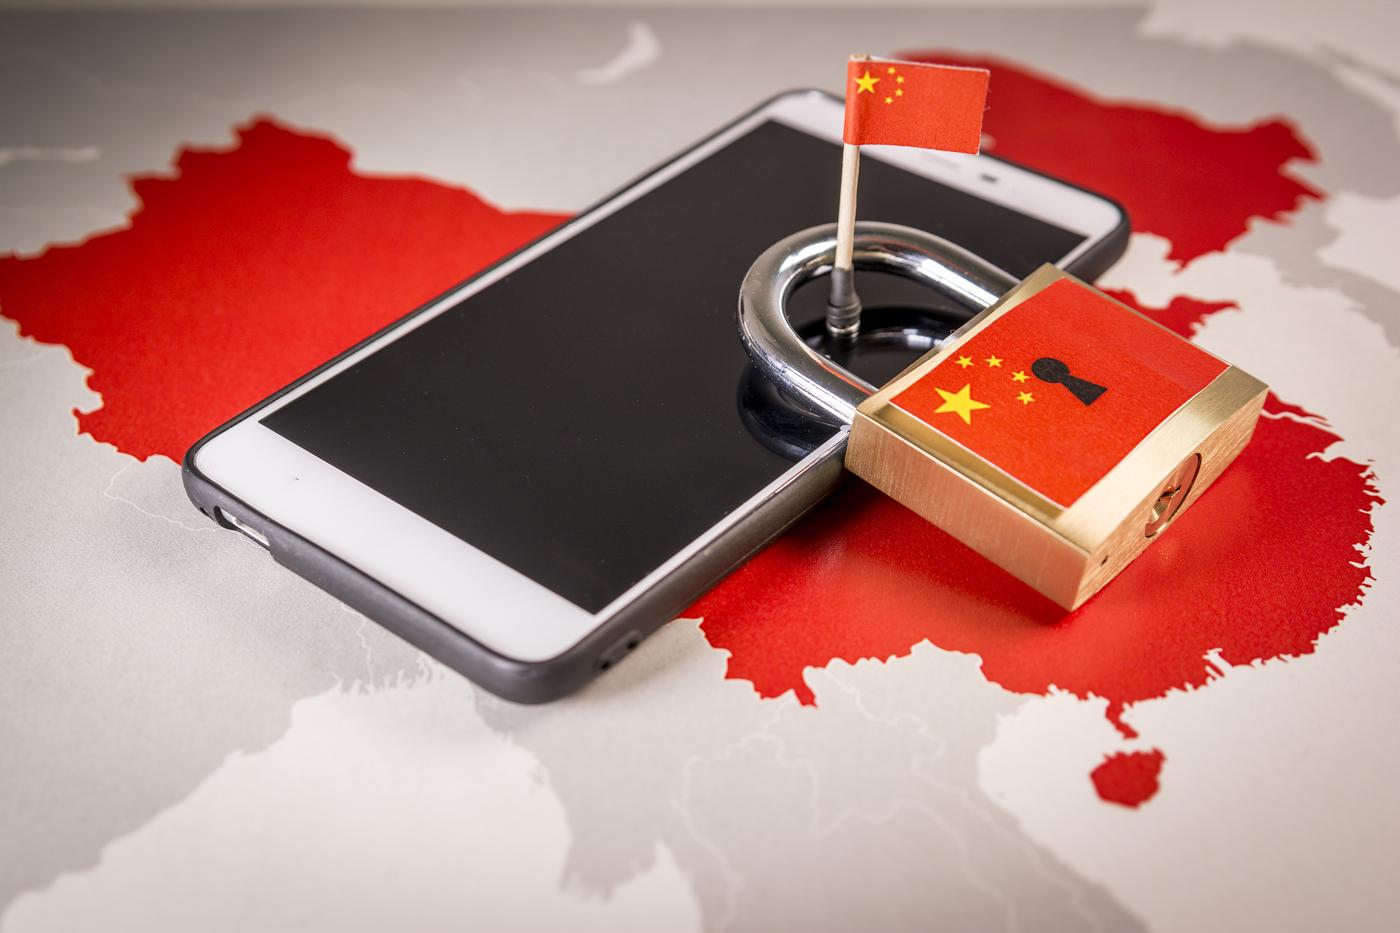 China business crackdown, China stocks, Chinese stocks